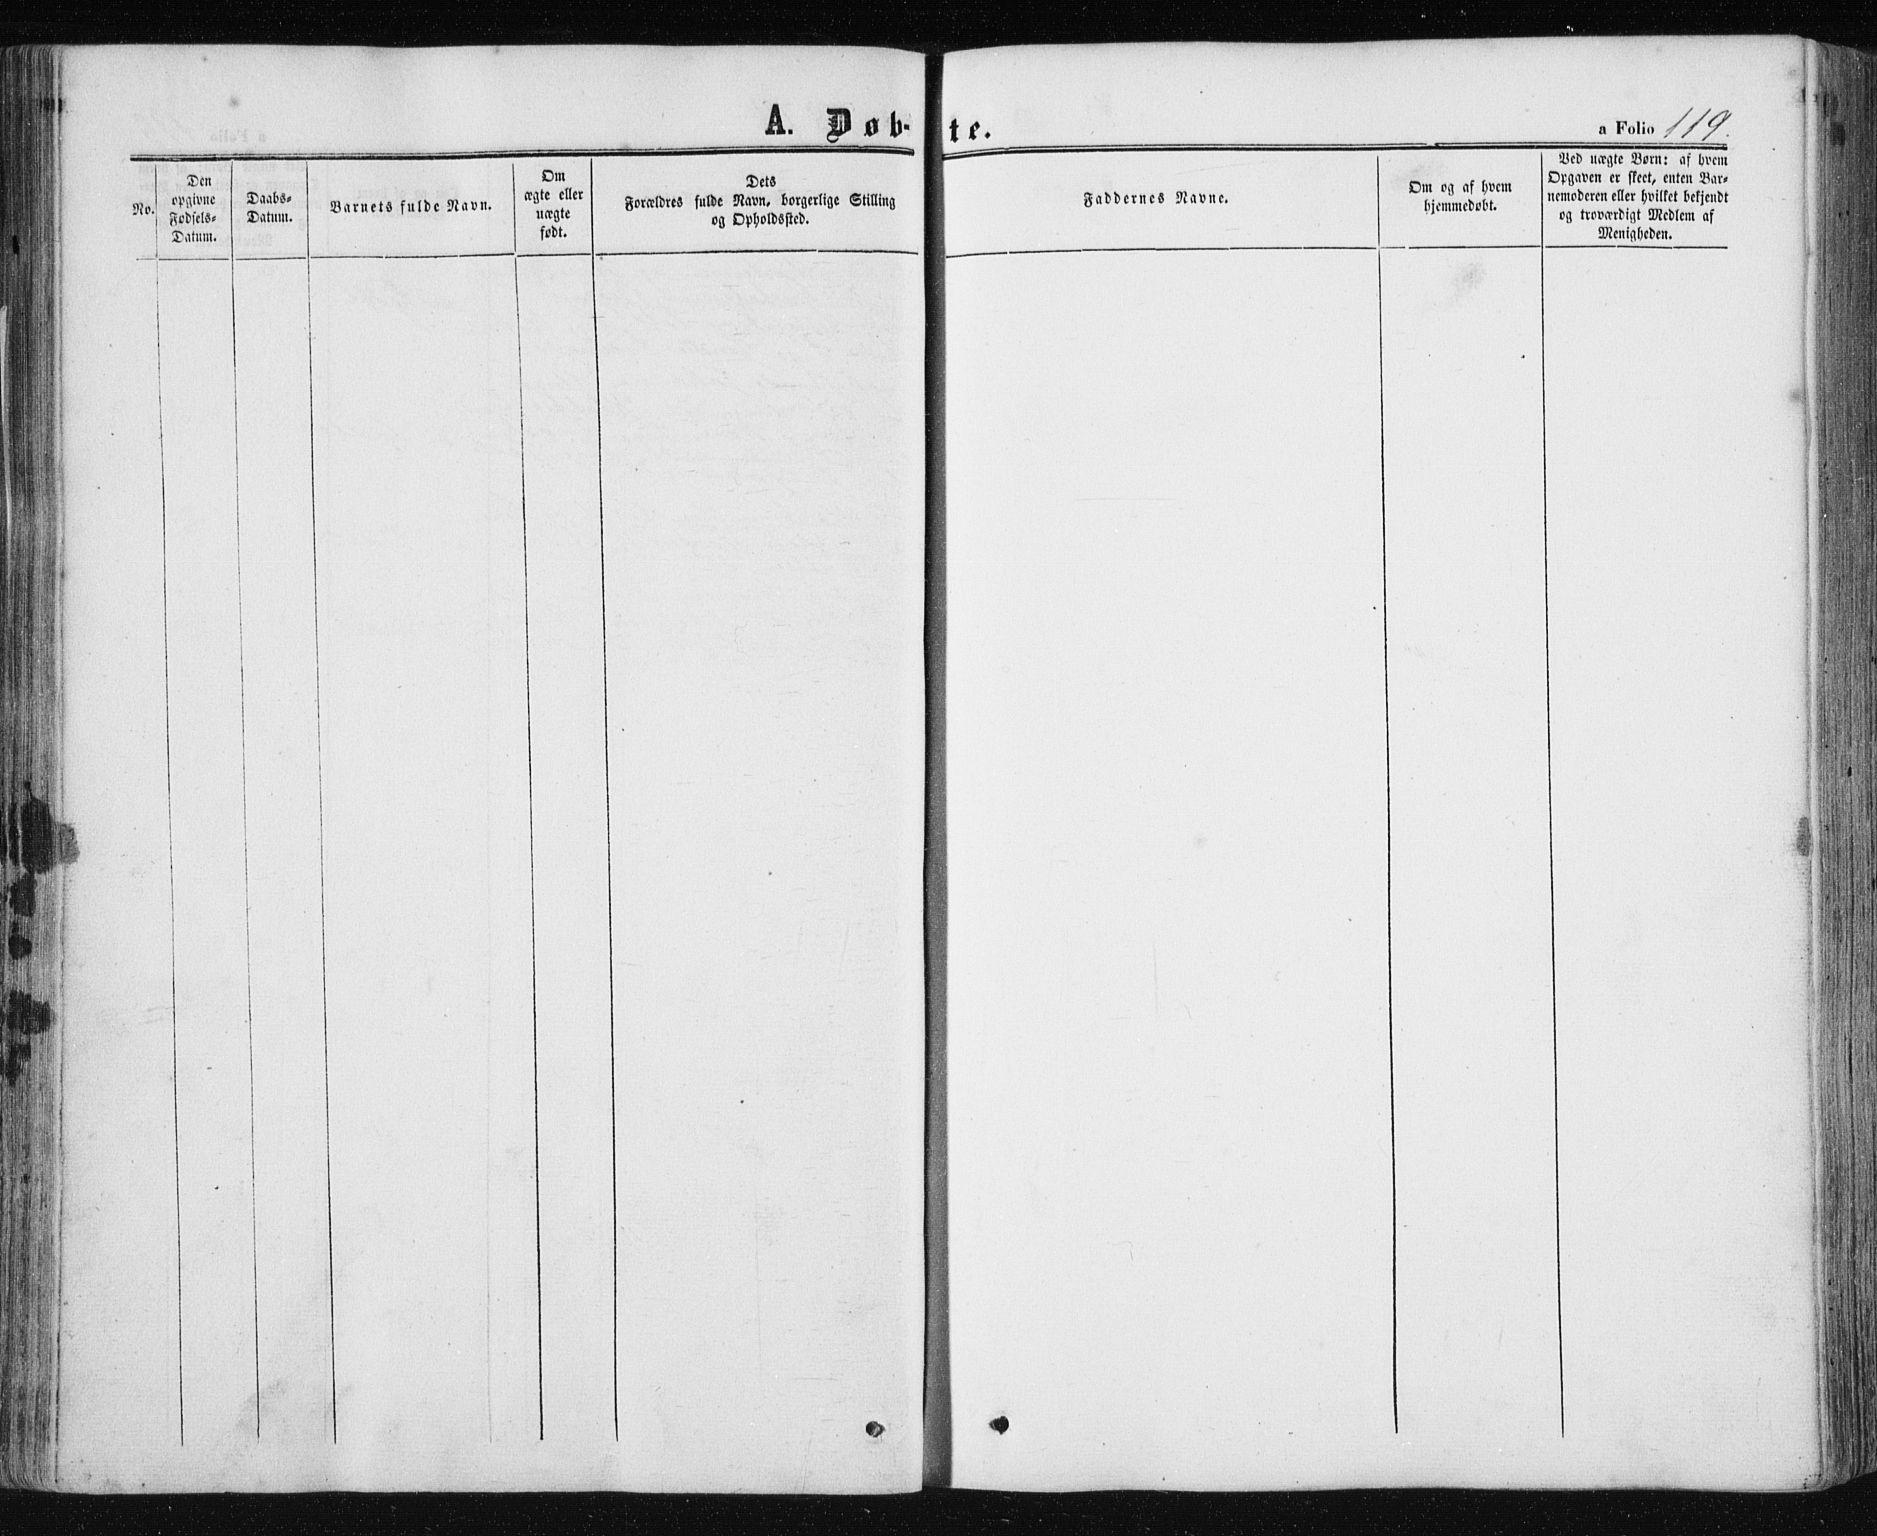 SAT, Ministerialprotokoller, klokkerbøker og fødselsregistre - Nord-Trøndelag, 780/L0641: Ministerialbok nr. 780A06, 1857-1874, s. 119